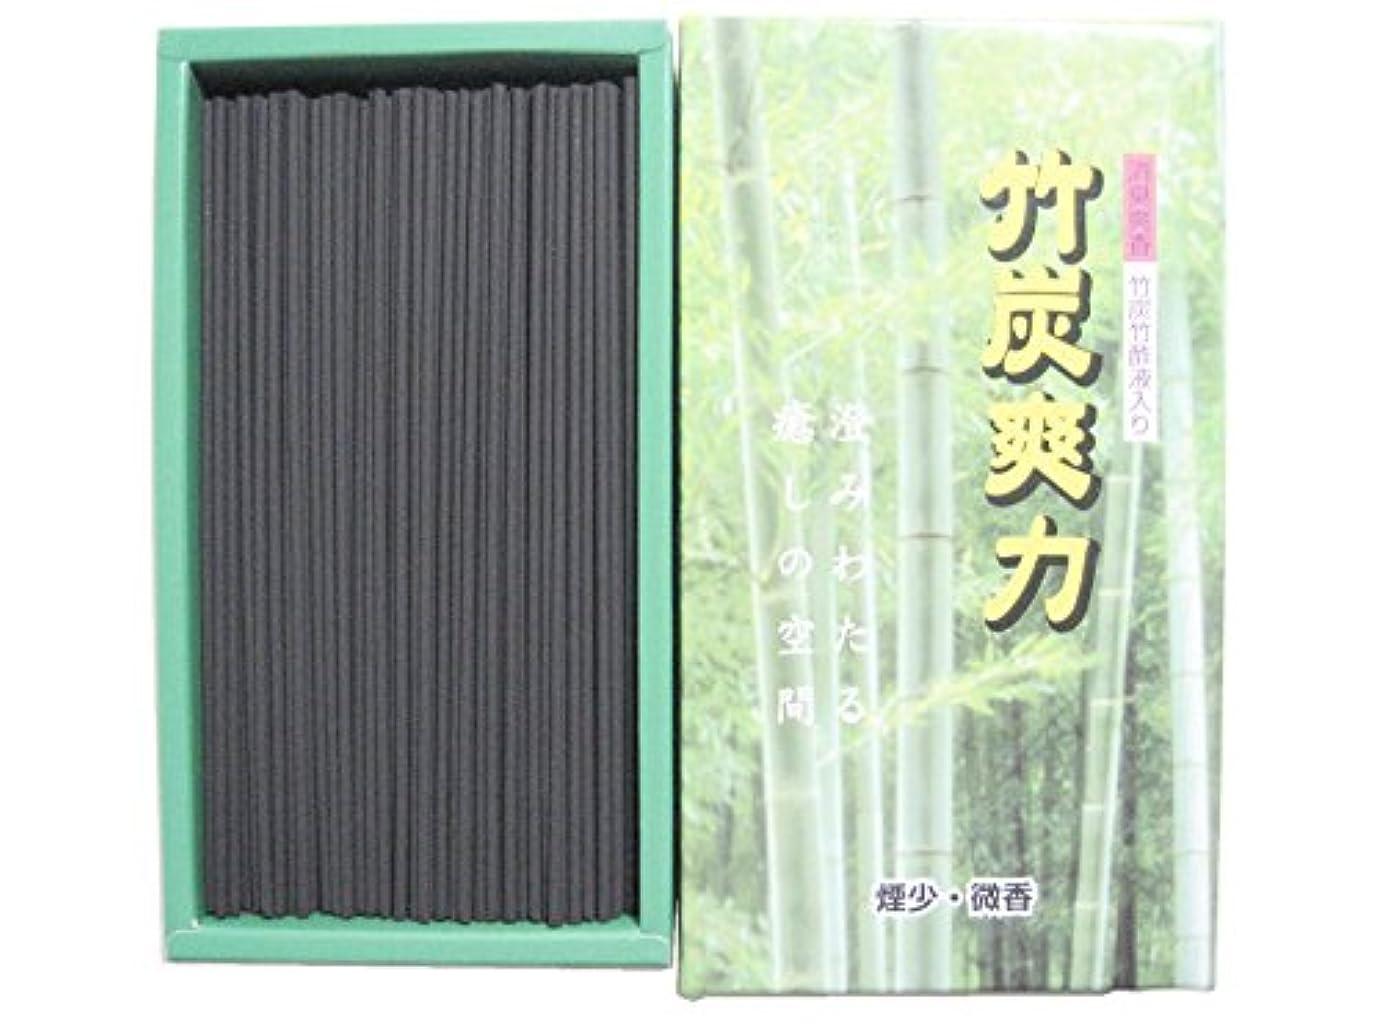 出来事深い作ります淡路梅薫堂の竹炭けむりの少ないお線香 竹炭爽力微香 95g #250 ×5